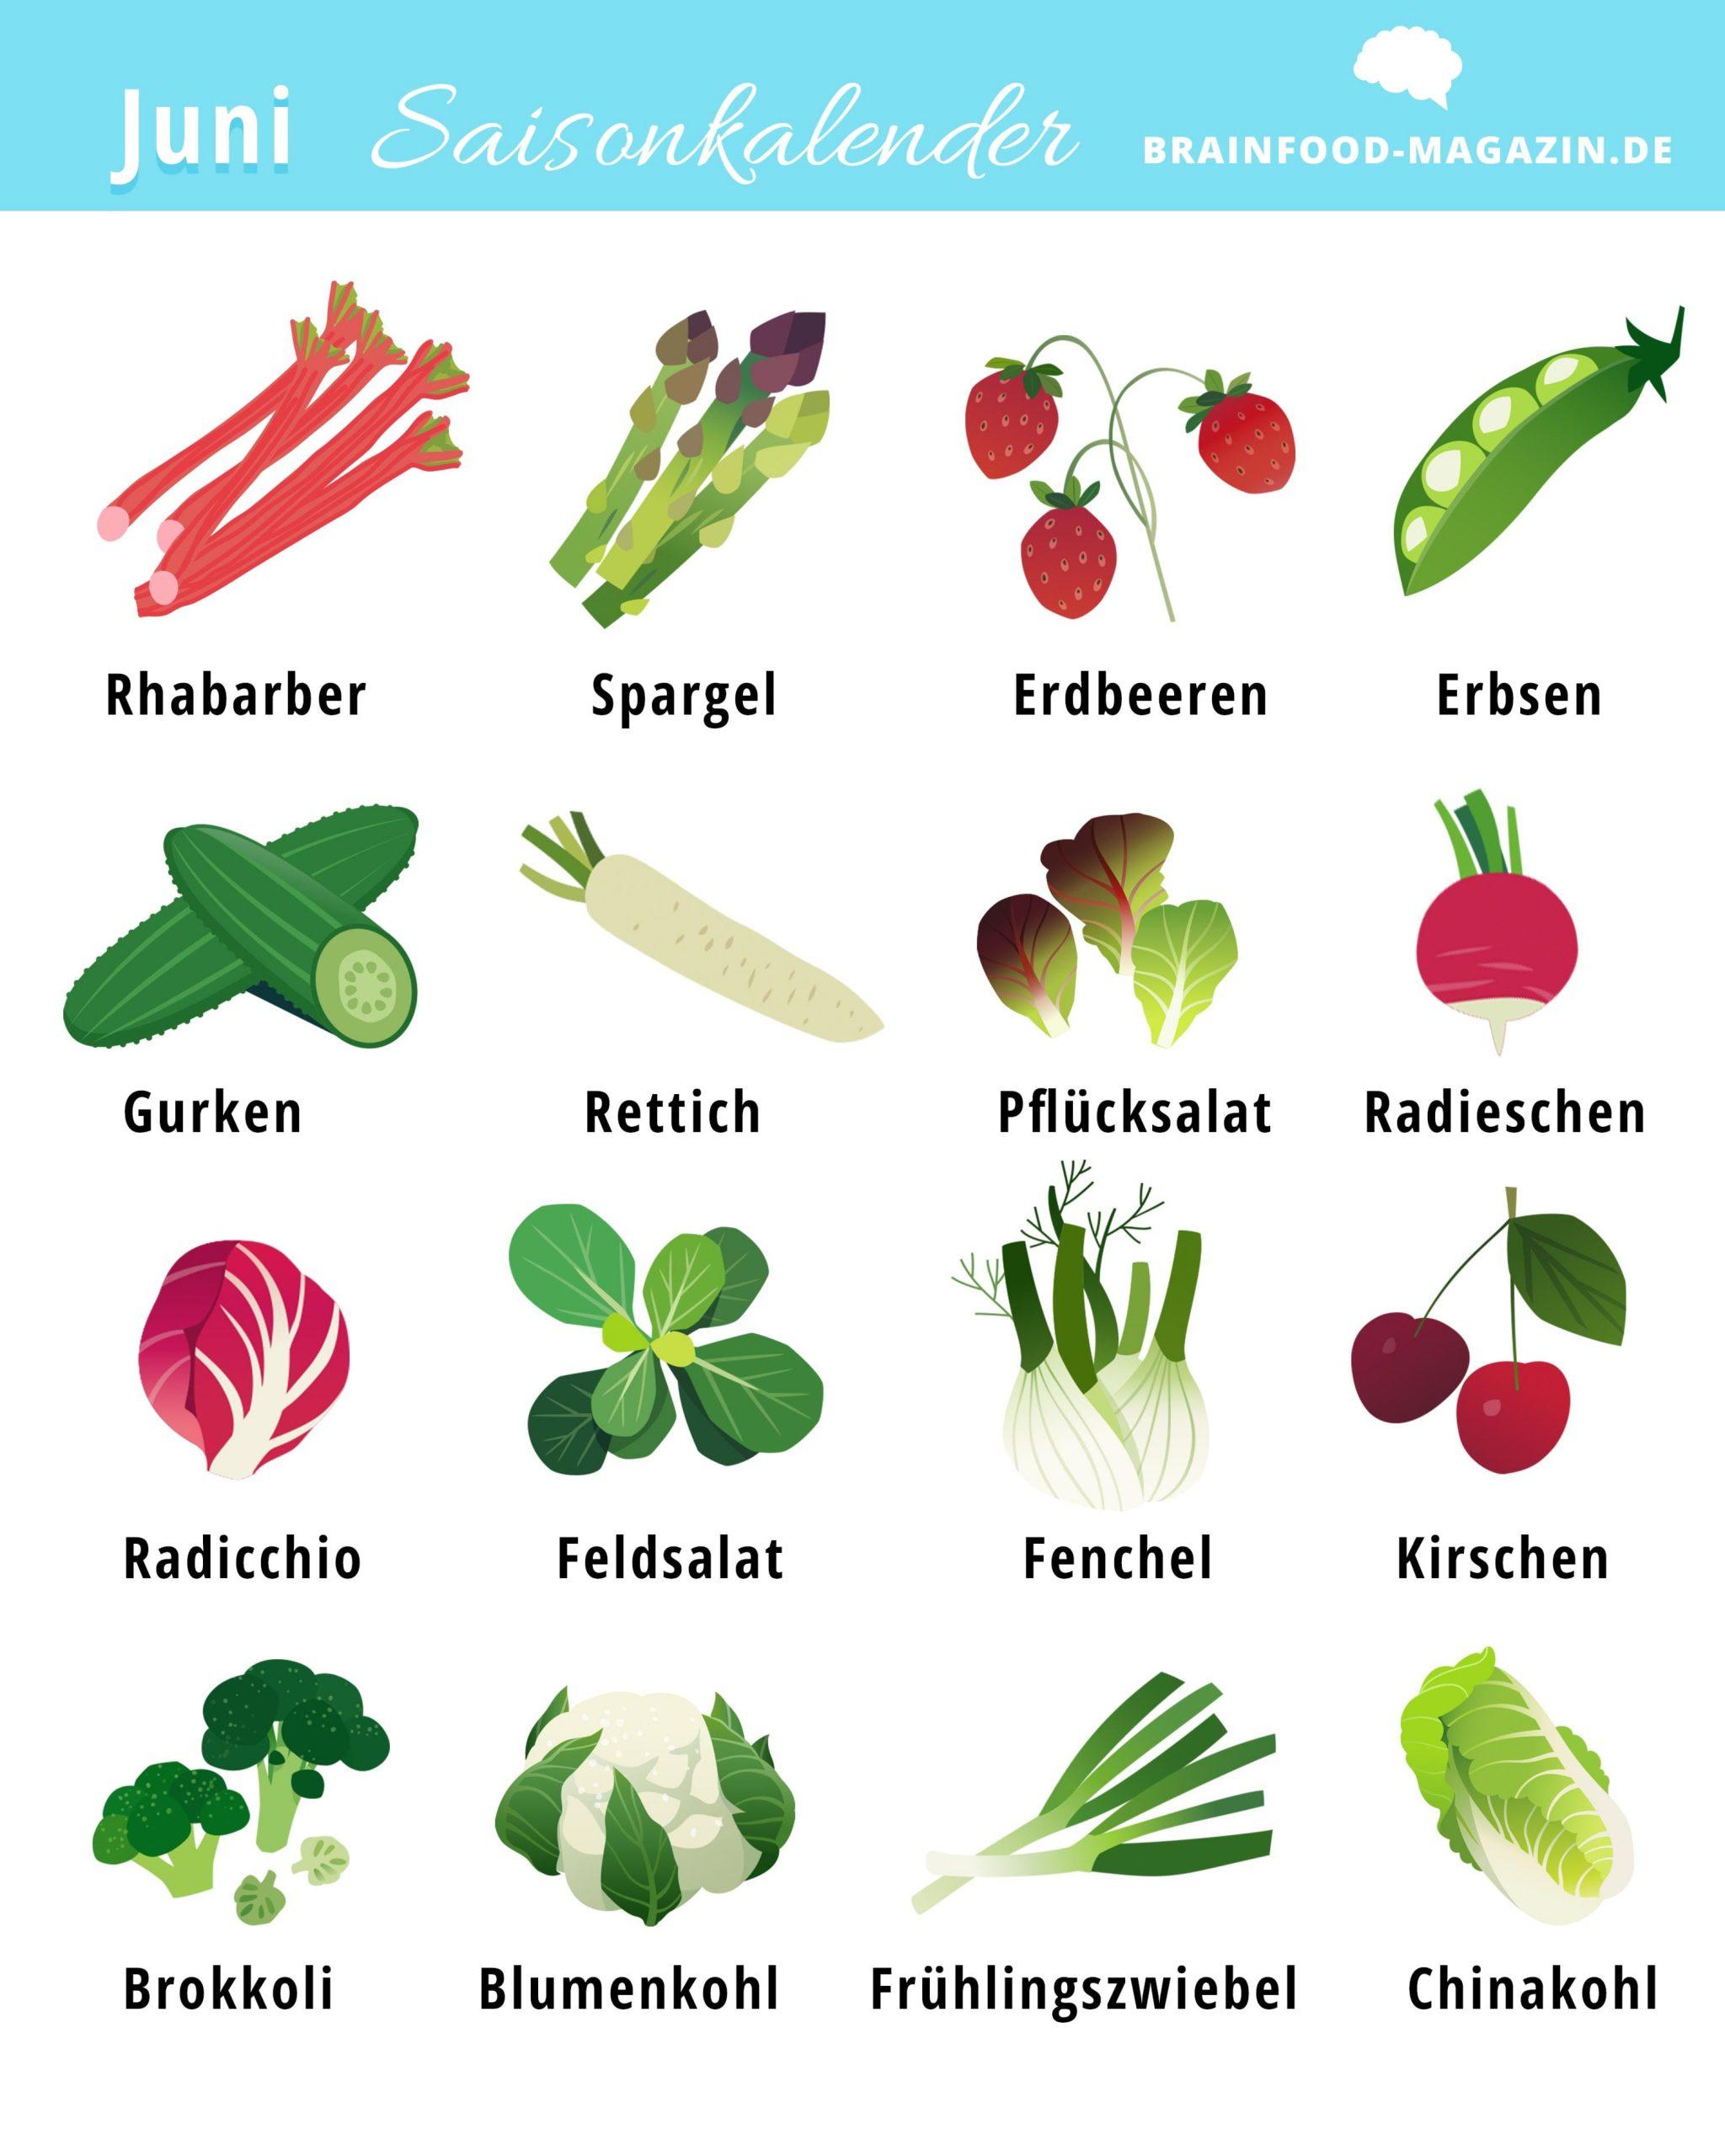 Saisonkalender Juni. Lebensmittel die im Juni Saison haben.